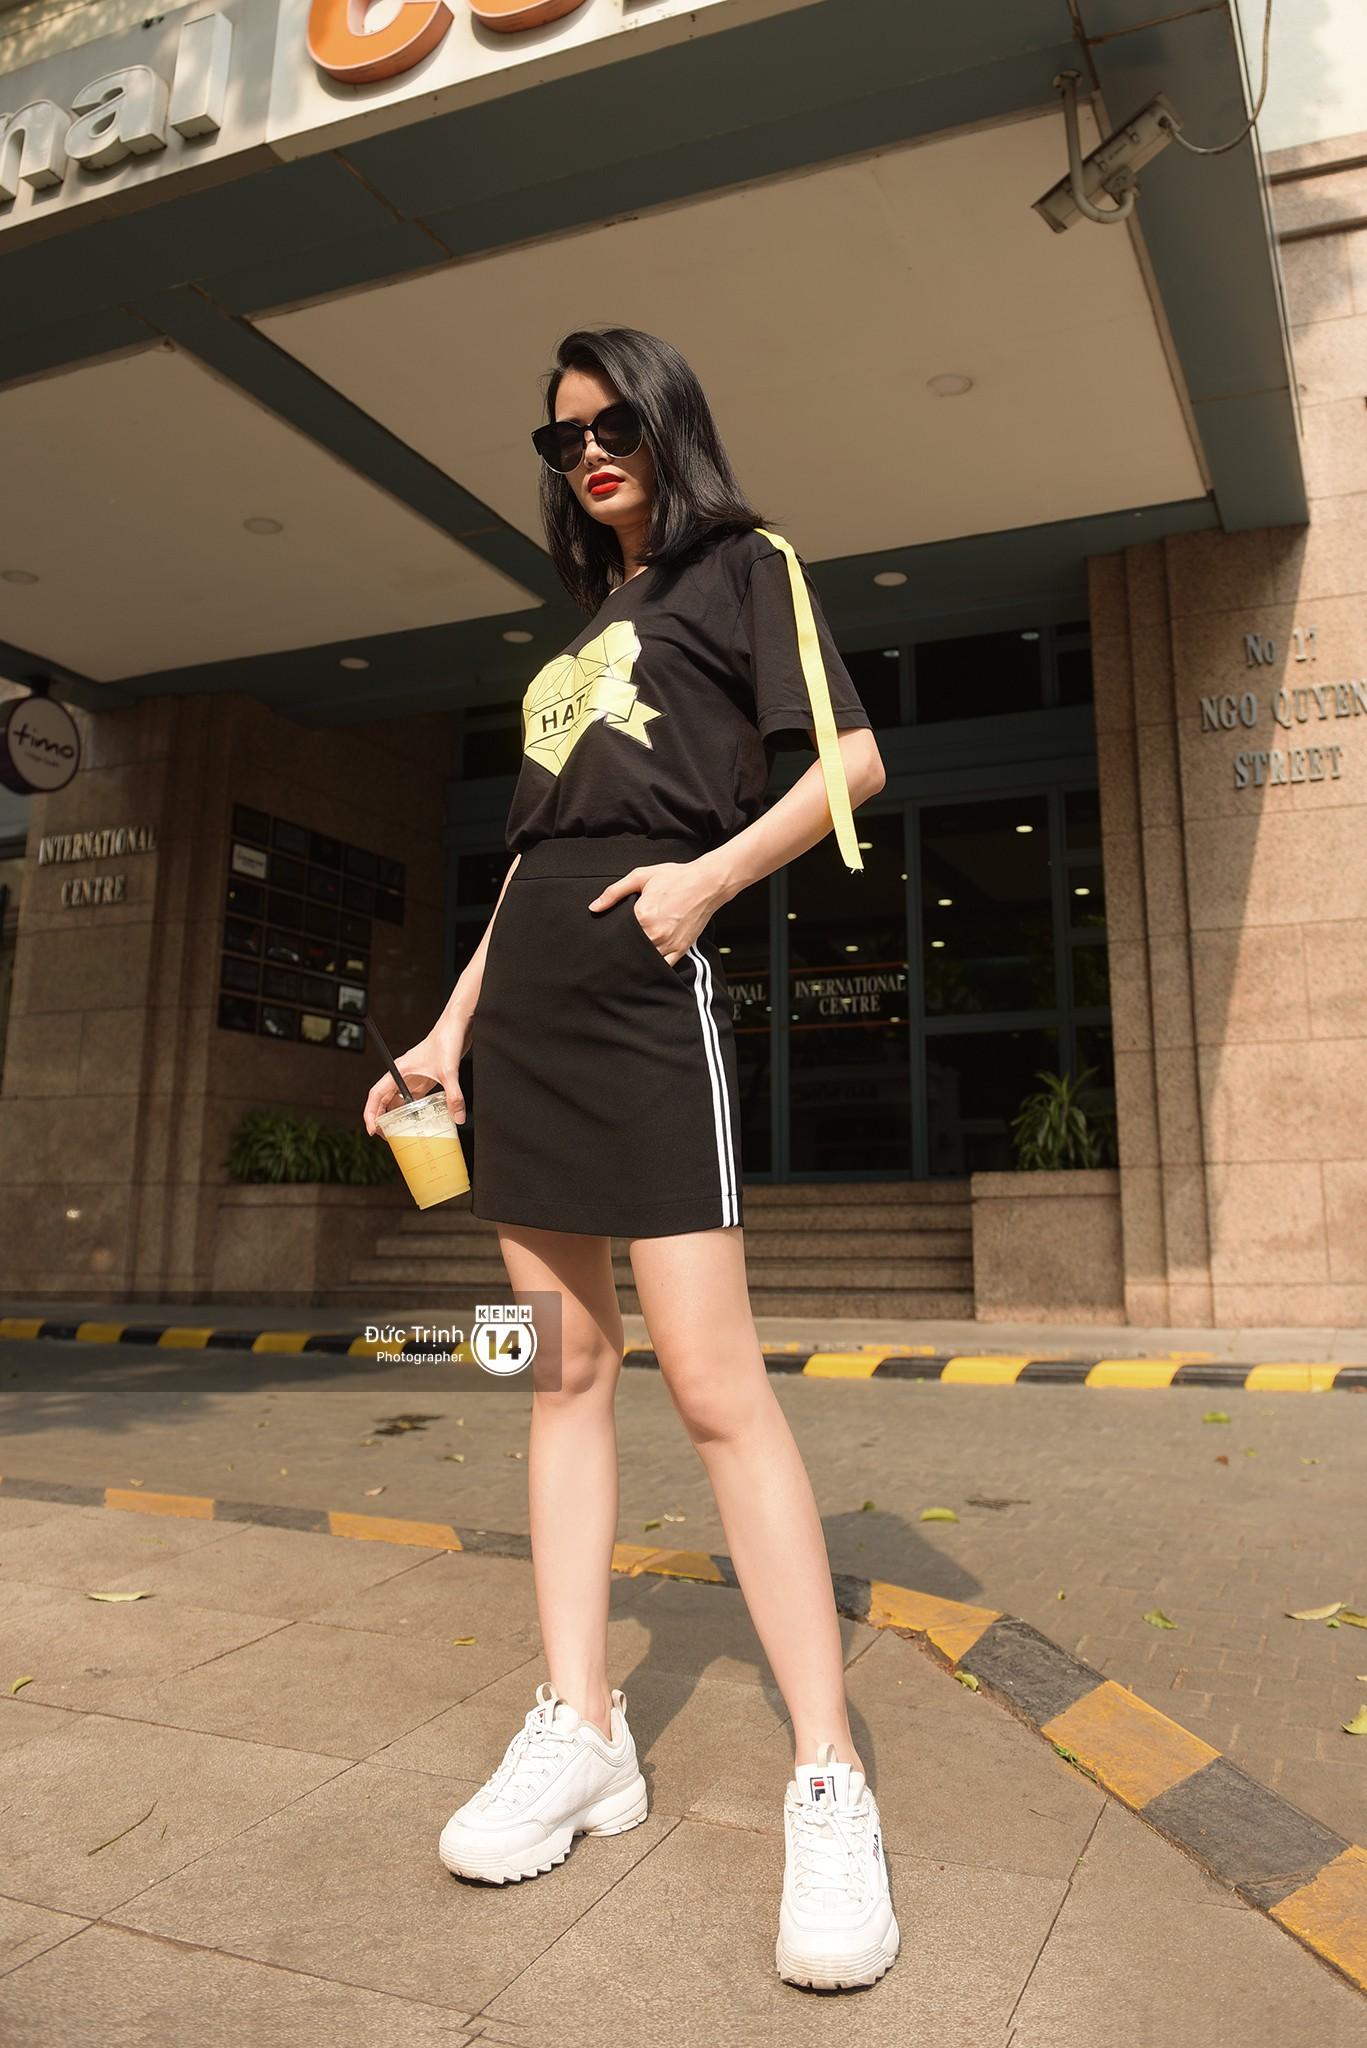 Street style giới trẻ Việt: Hà Nội toàn áo 2 dây và xuyên thấu mát mẻ; Sài Gòn vẫn điệp khúc càng ấm càng chất - Ảnh 7.